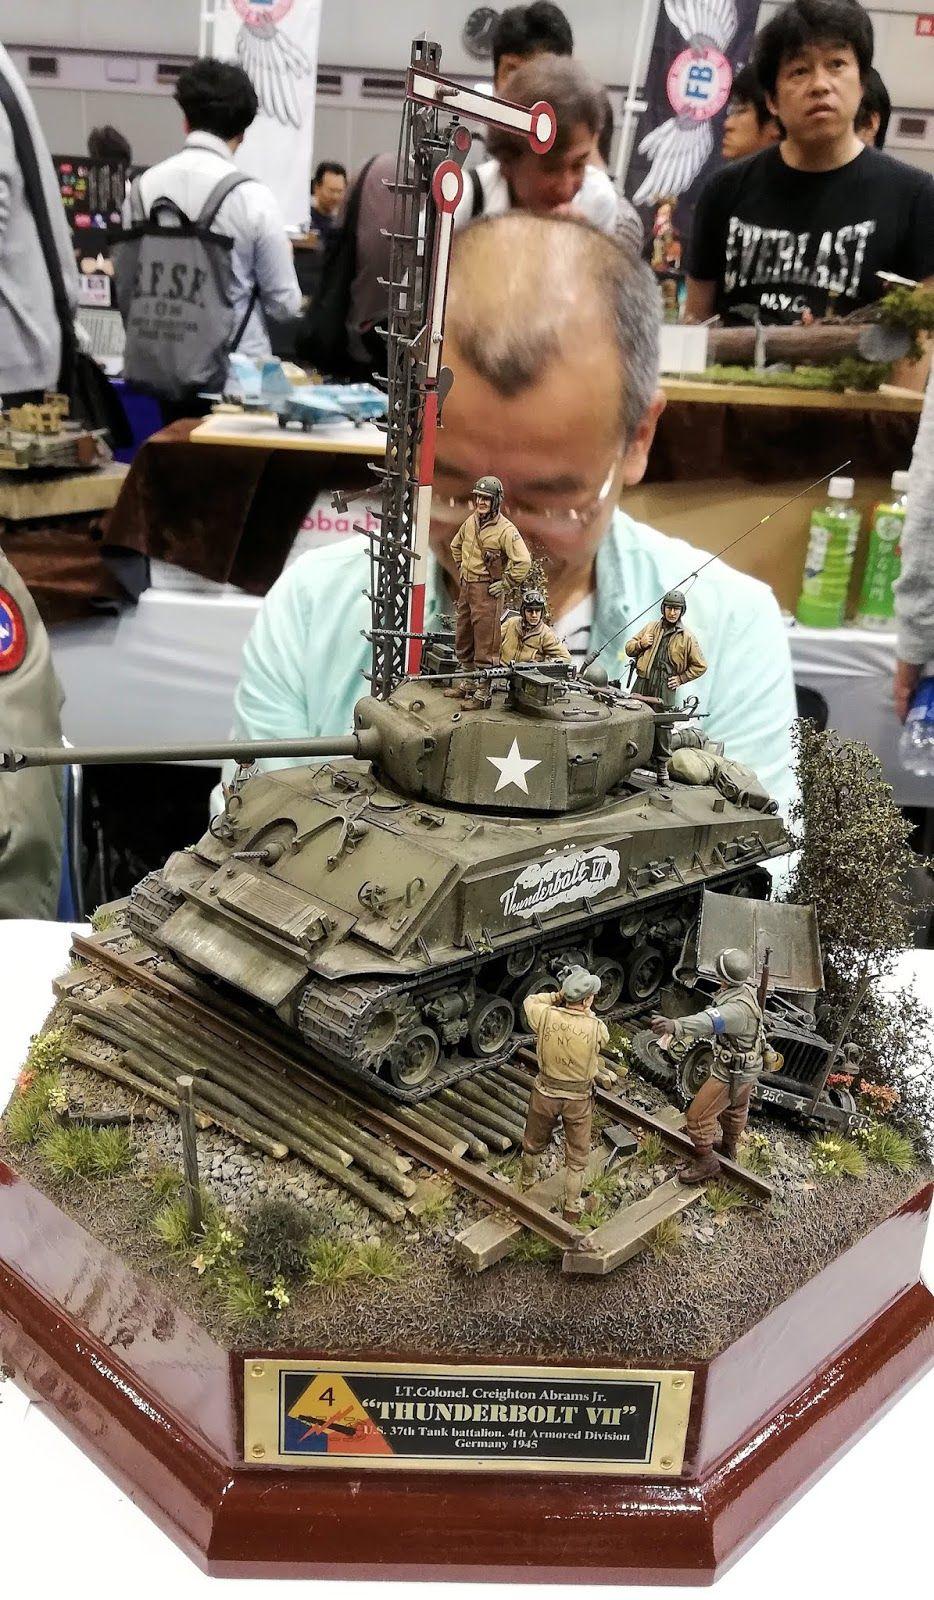 E75 (75-100tons) Standardpanzer http://spirosmodelling